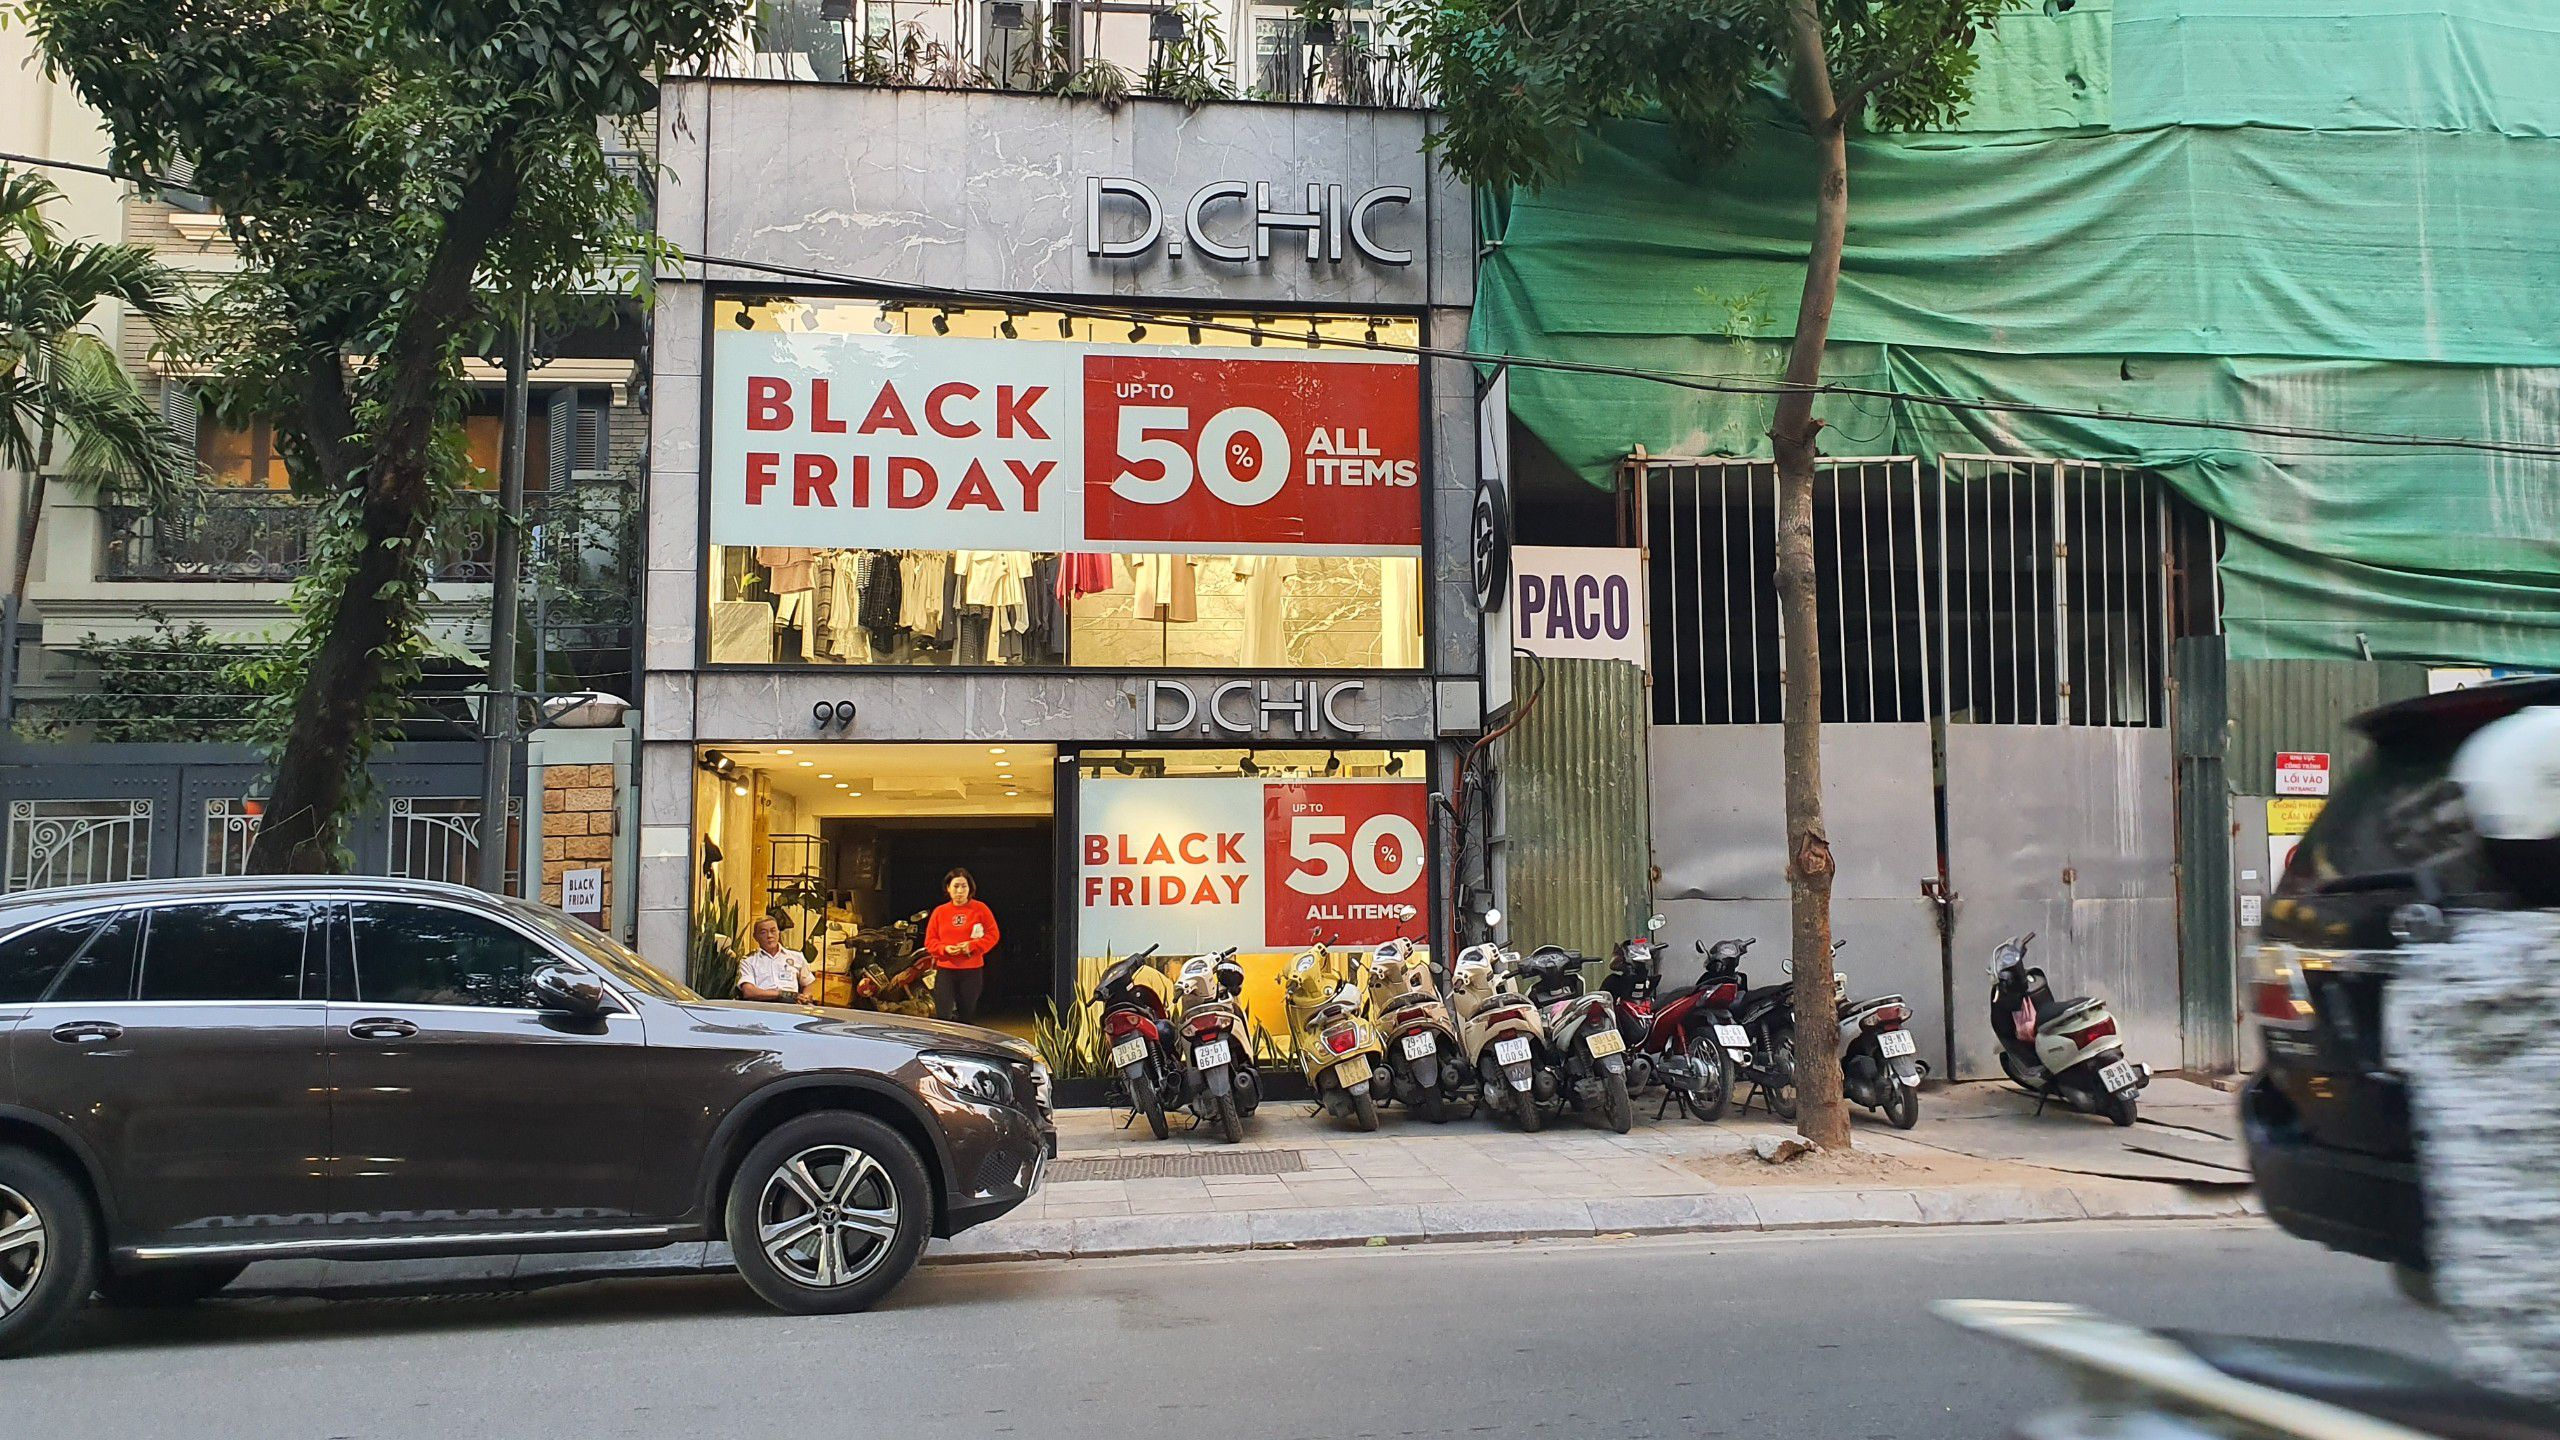 Đập lợn của con, vay tiền đi mua sắm Black Friday vì lương chưa về